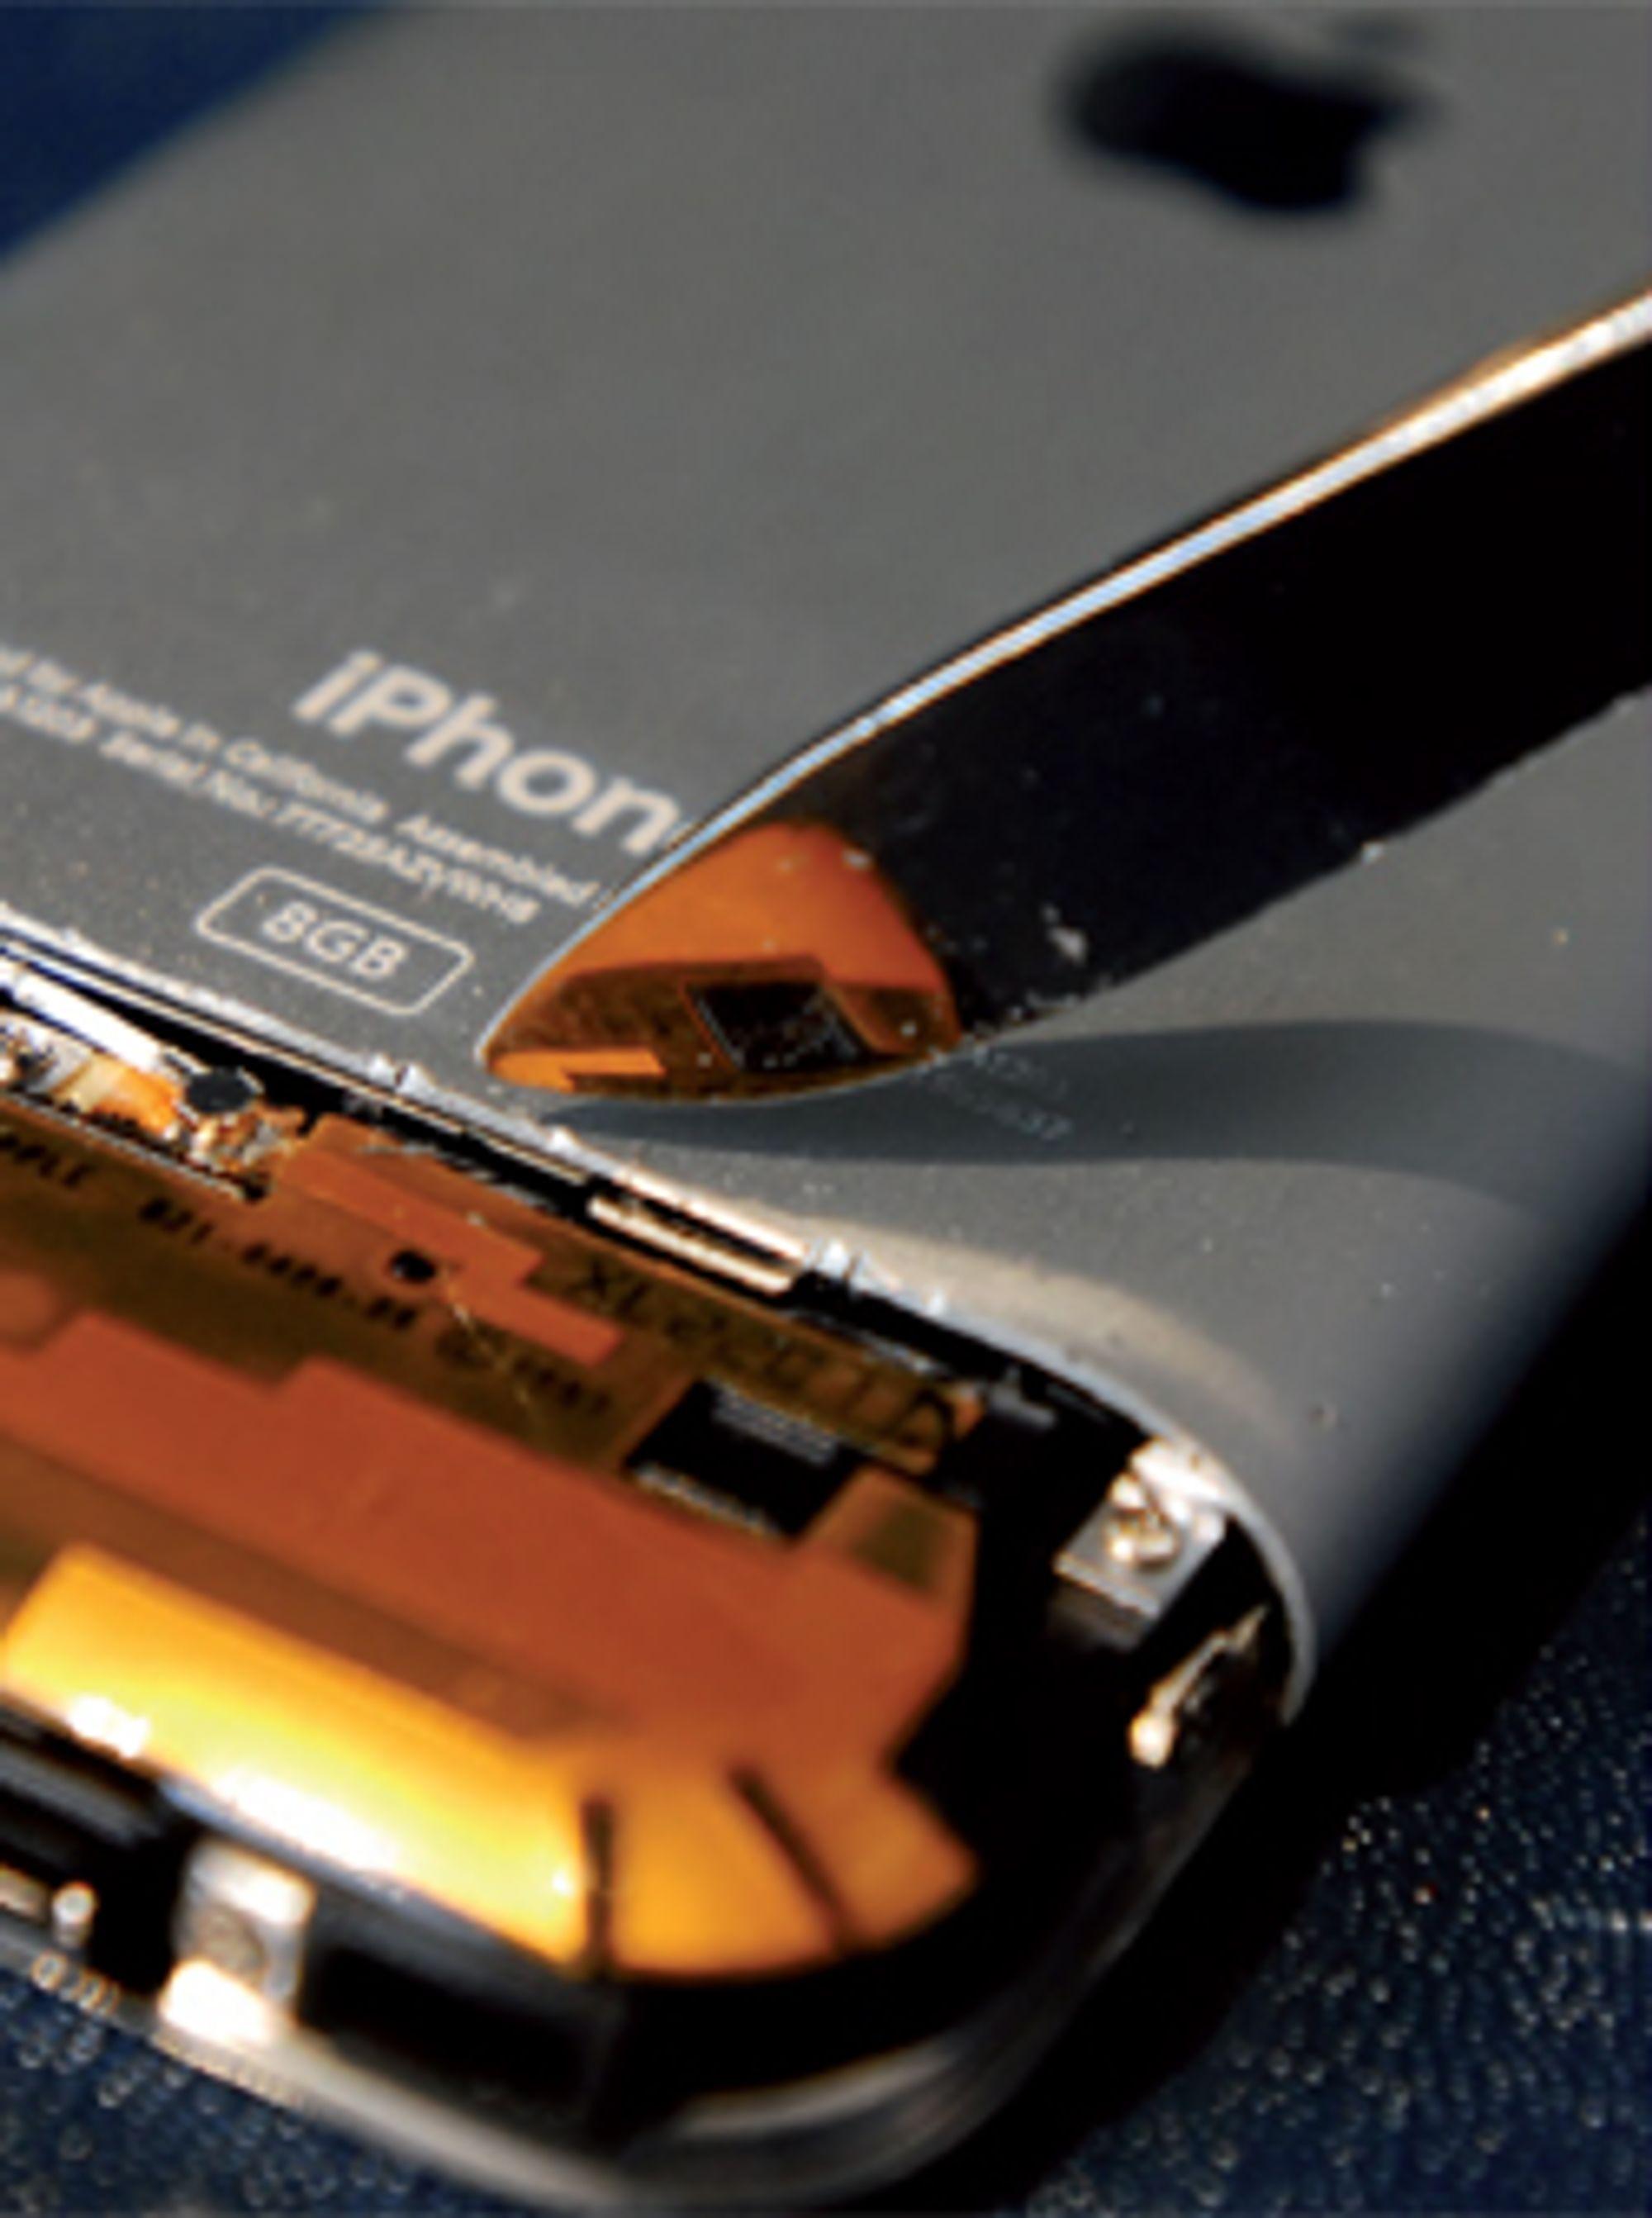 Iphone er en miljøtrussel, hevder Greenpeace. (Foto: Greenpeace)